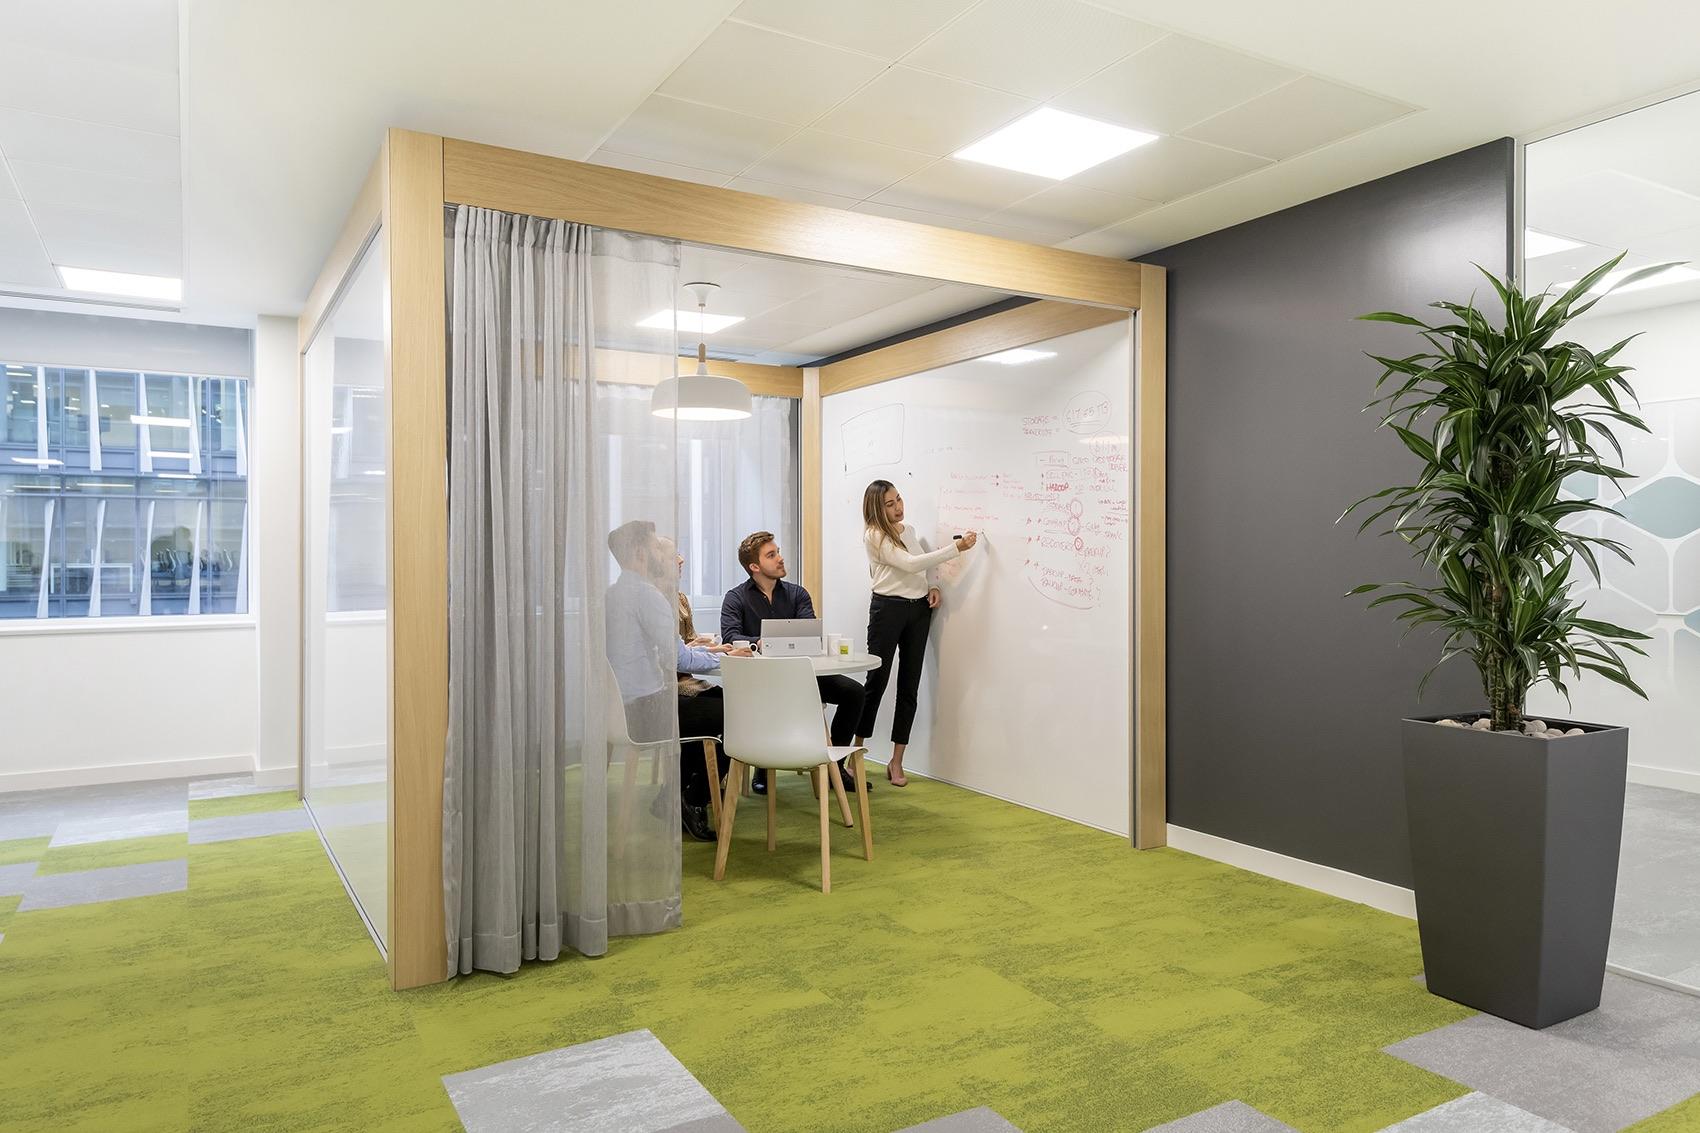 hogan-lovells-office-9